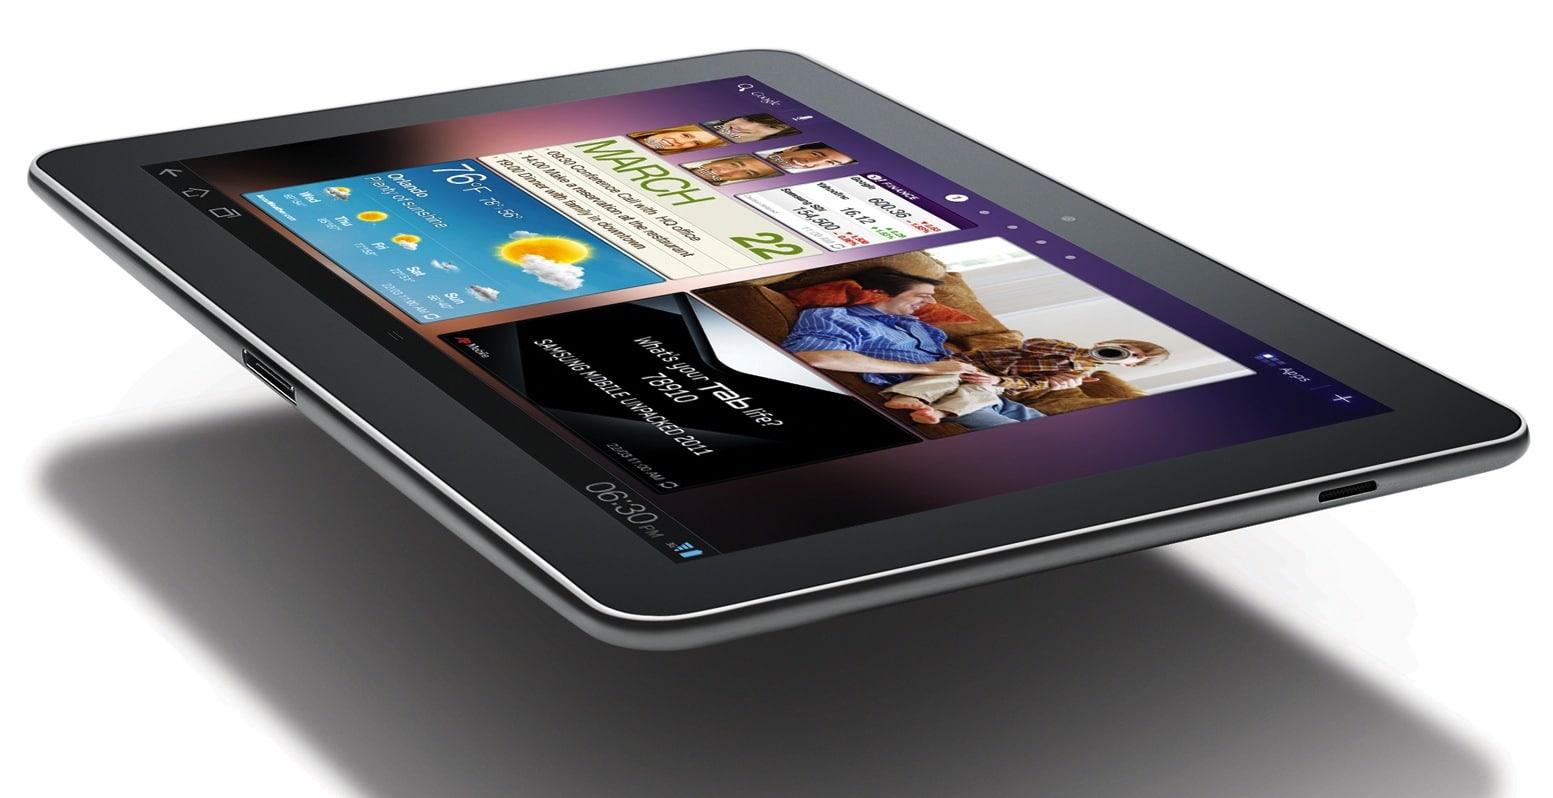 Apple busca que productos como la Galaxy Tab 10.1 o los primeros smarthpone Galaxy S sean removidos del mercado en Estados Unidos.